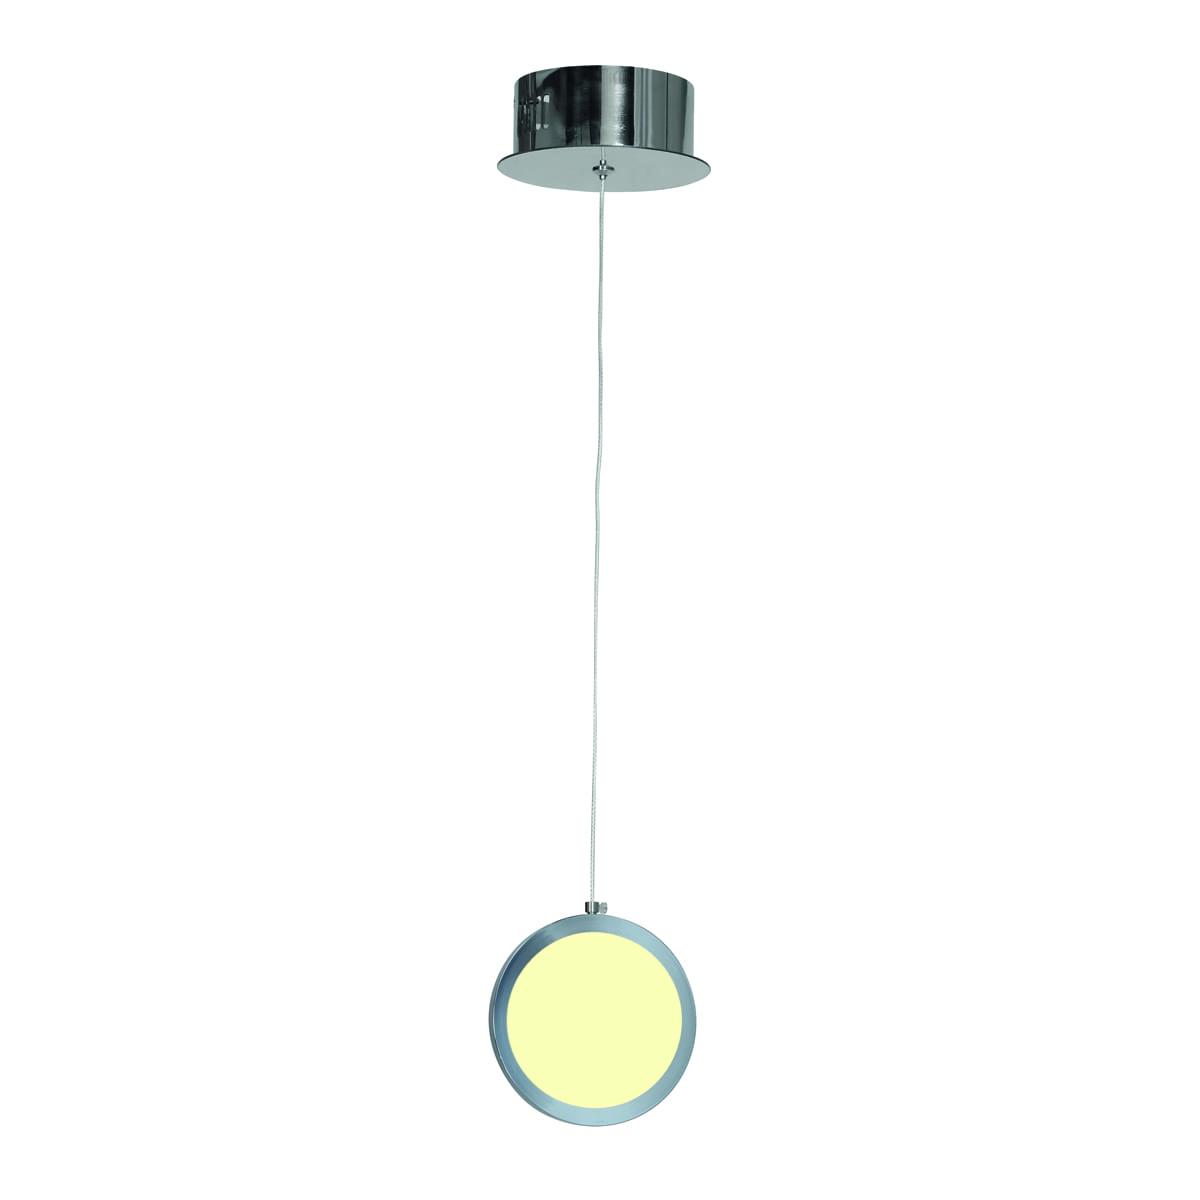 Závěsná svítilna Milagro CIRCOLO 264 Chrome 7W